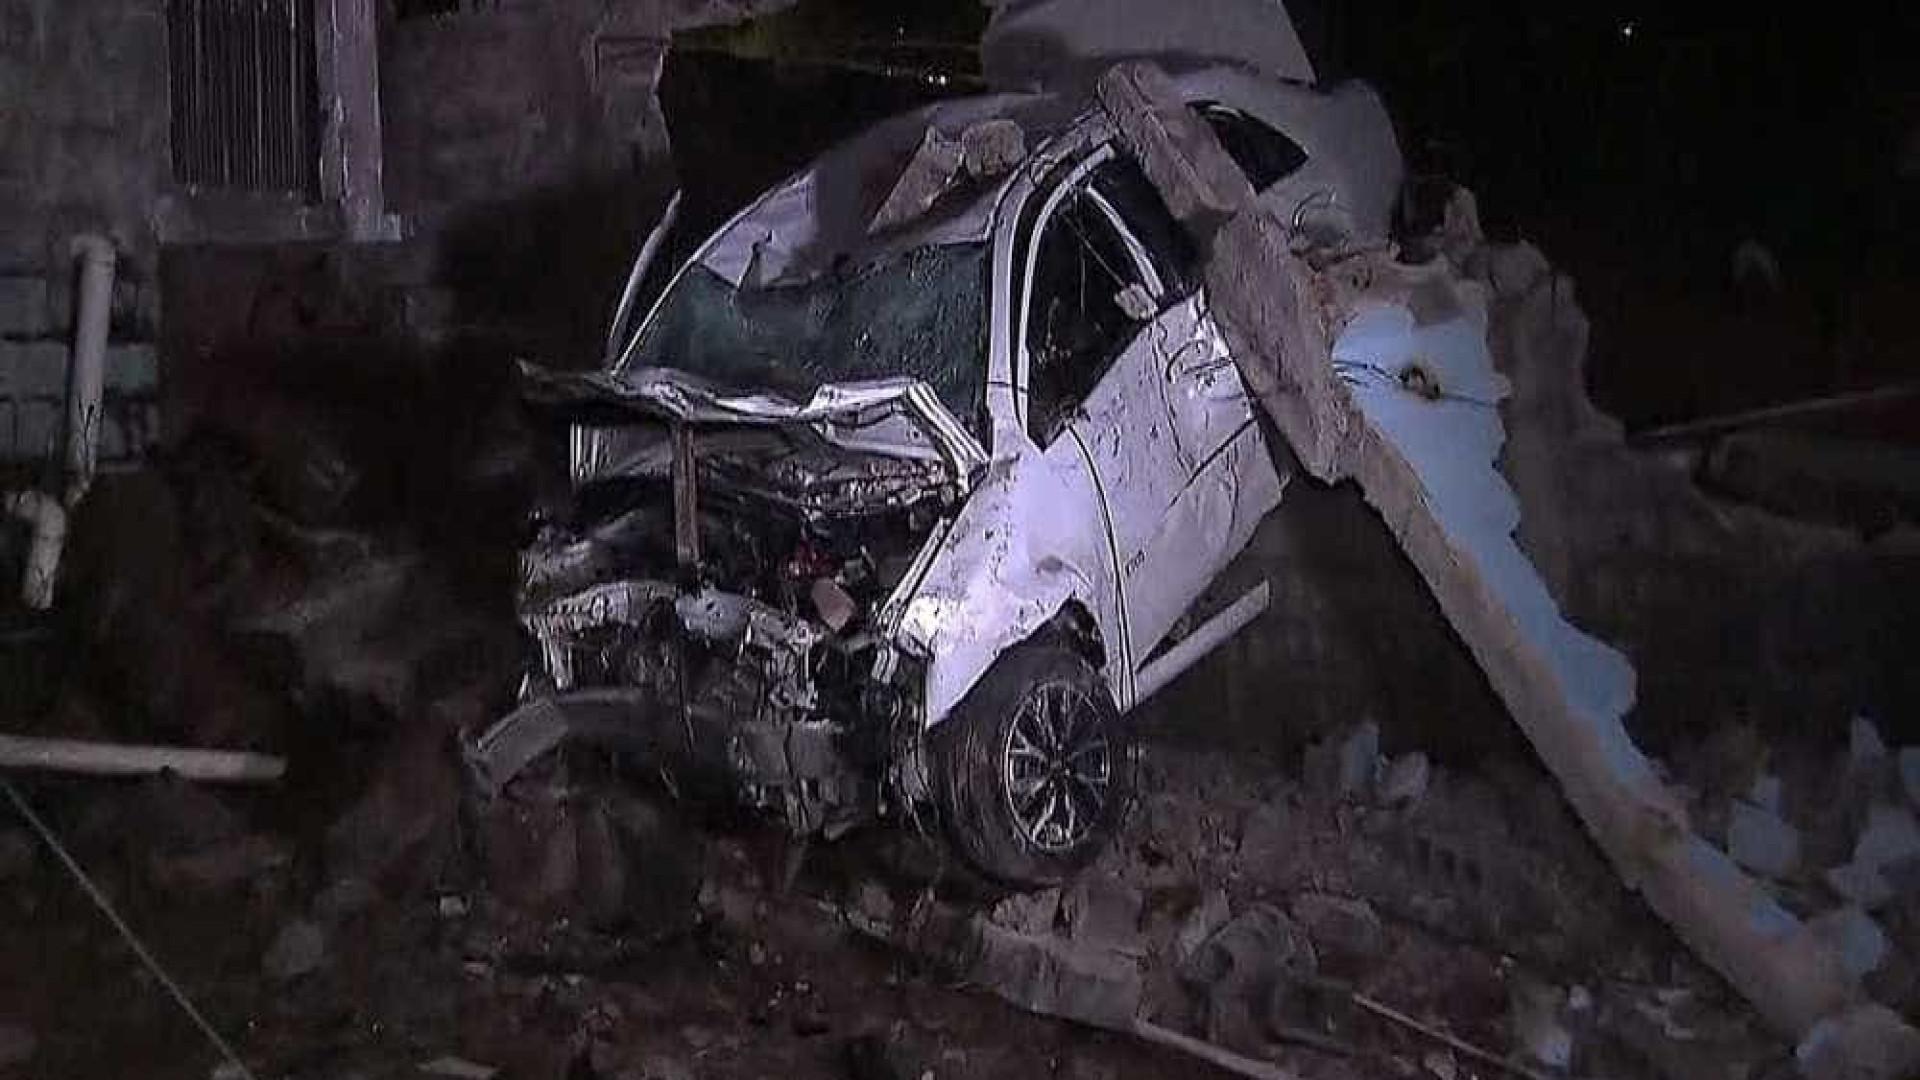 Taxista morre após atropelar homem e bater em muro na zona leste de SP